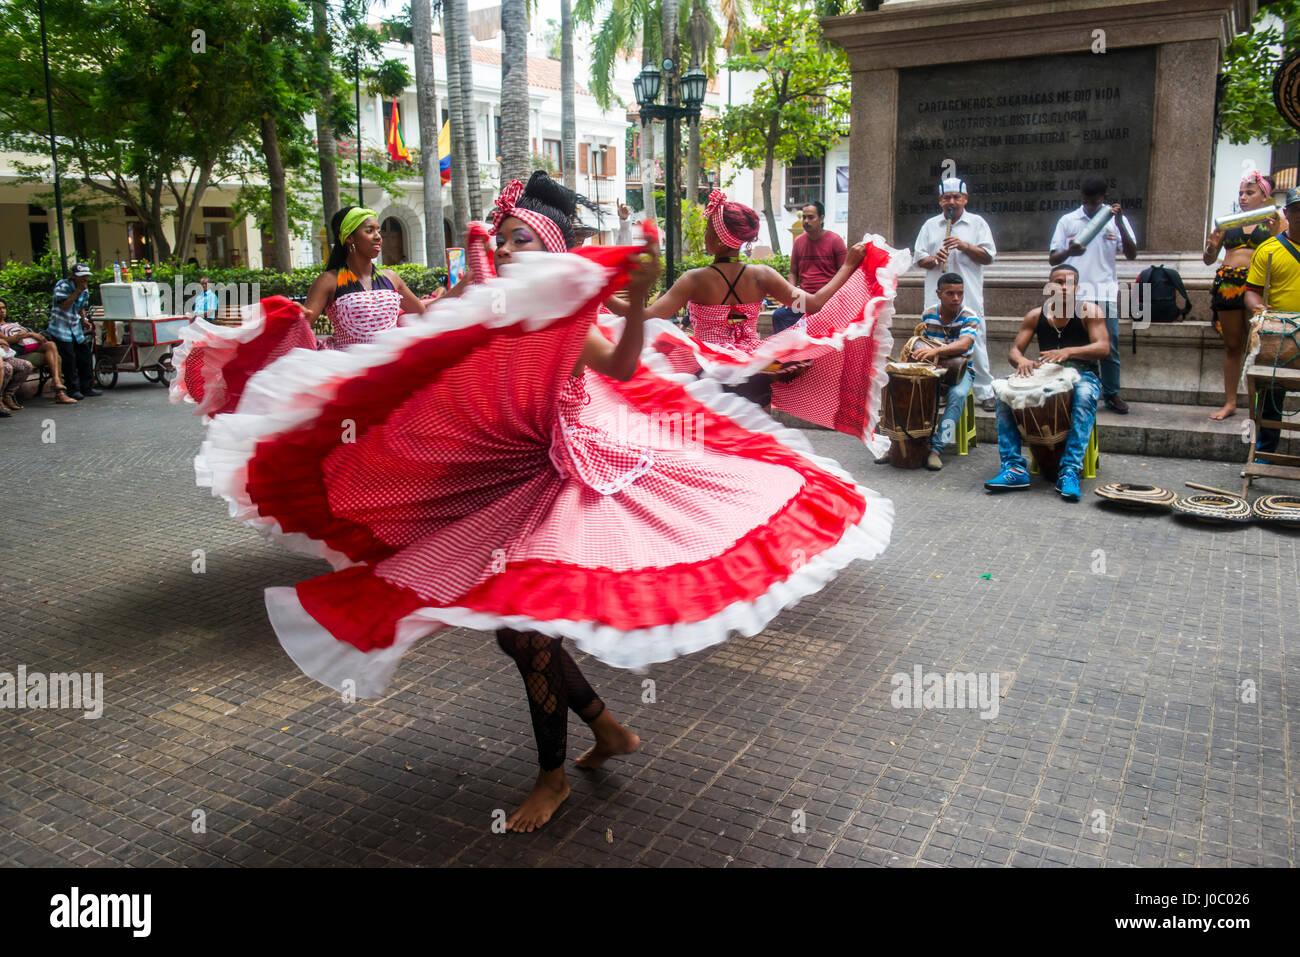 Balli tradizionali a Cartagena, Colombia Immagini Stock